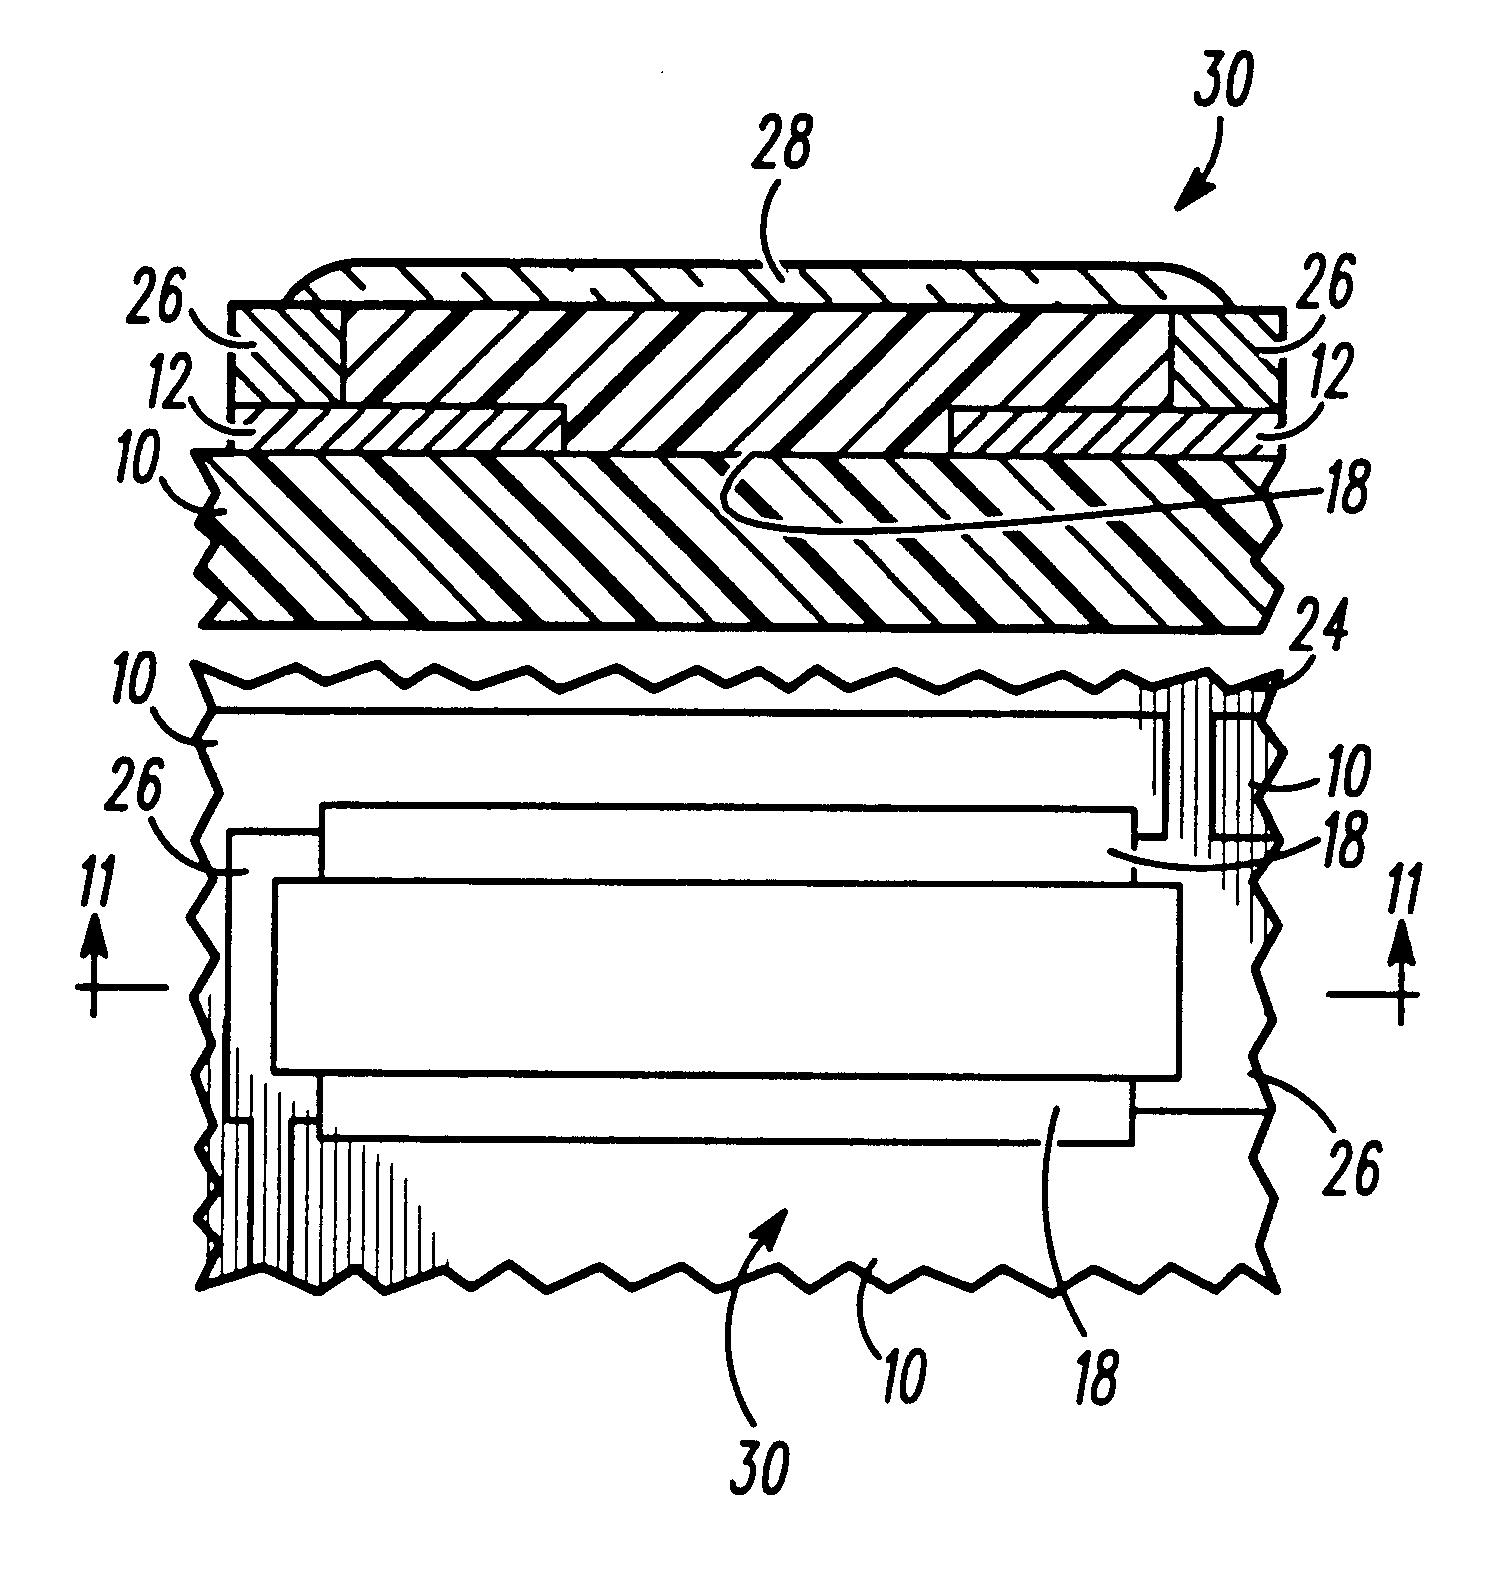 patent us6507993